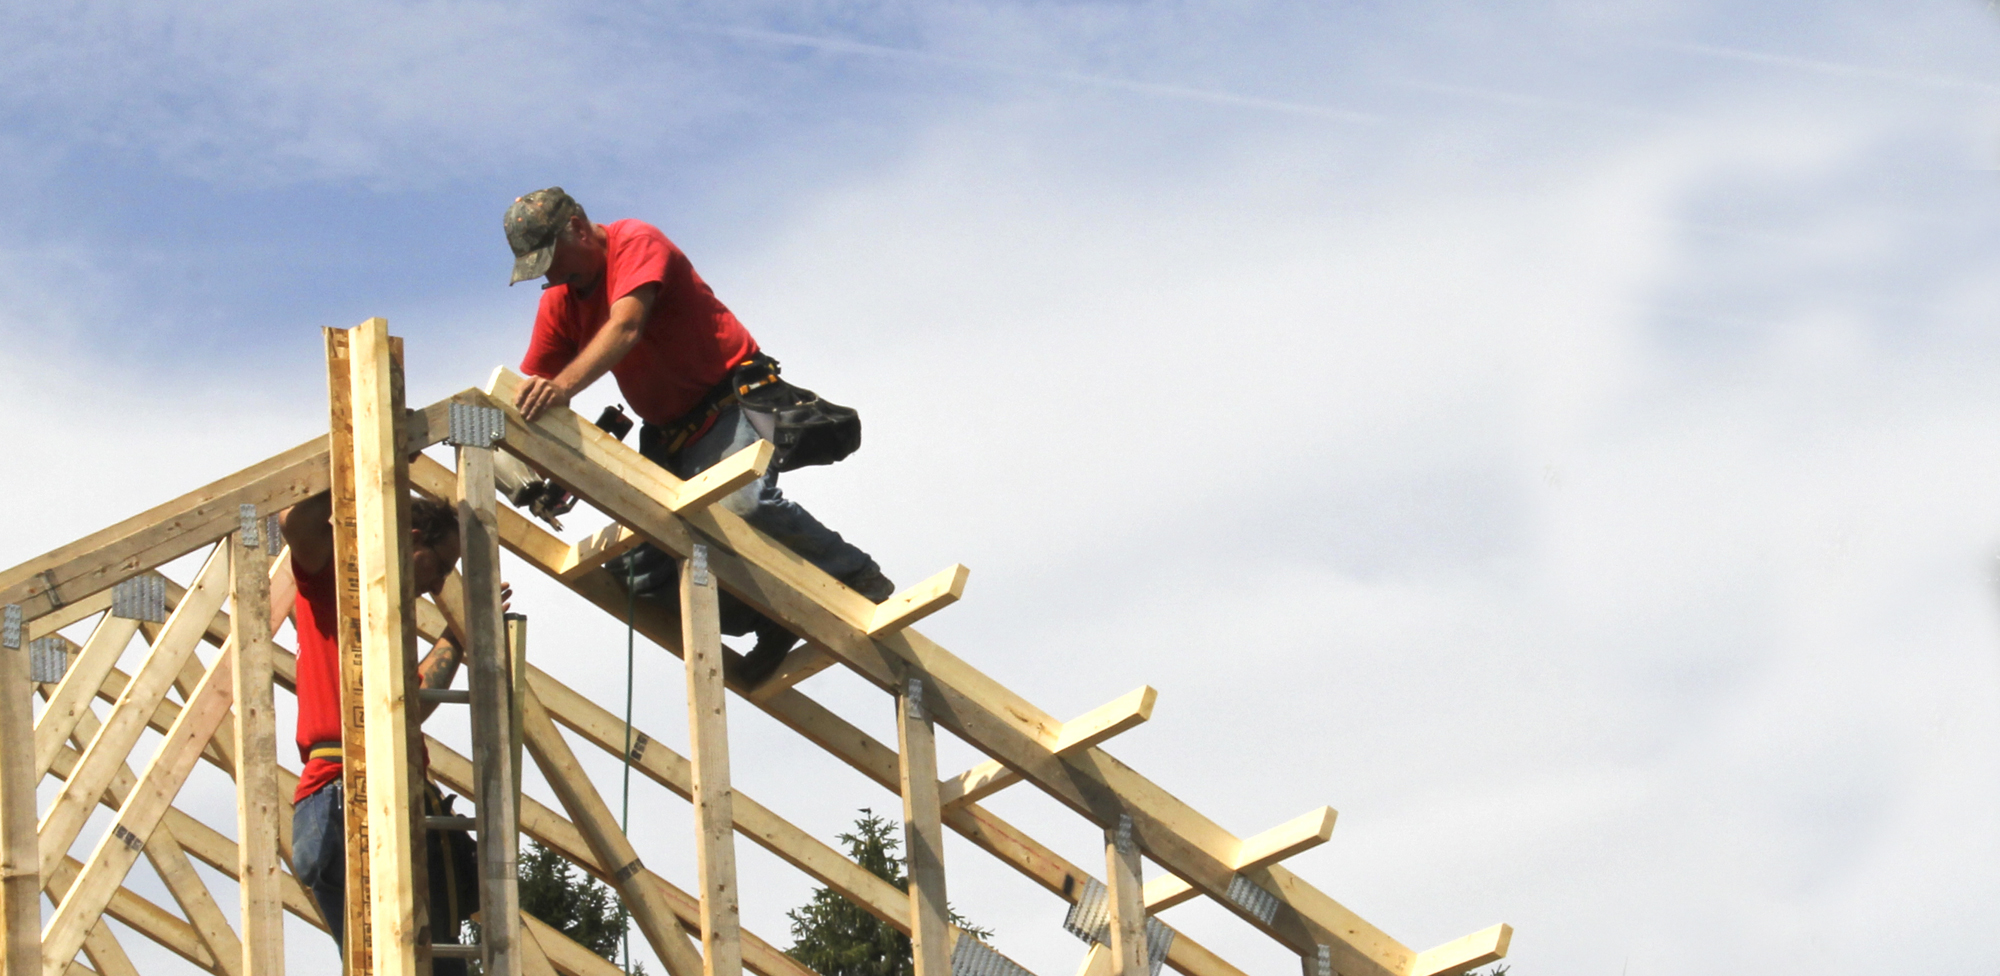 builders working on house beams